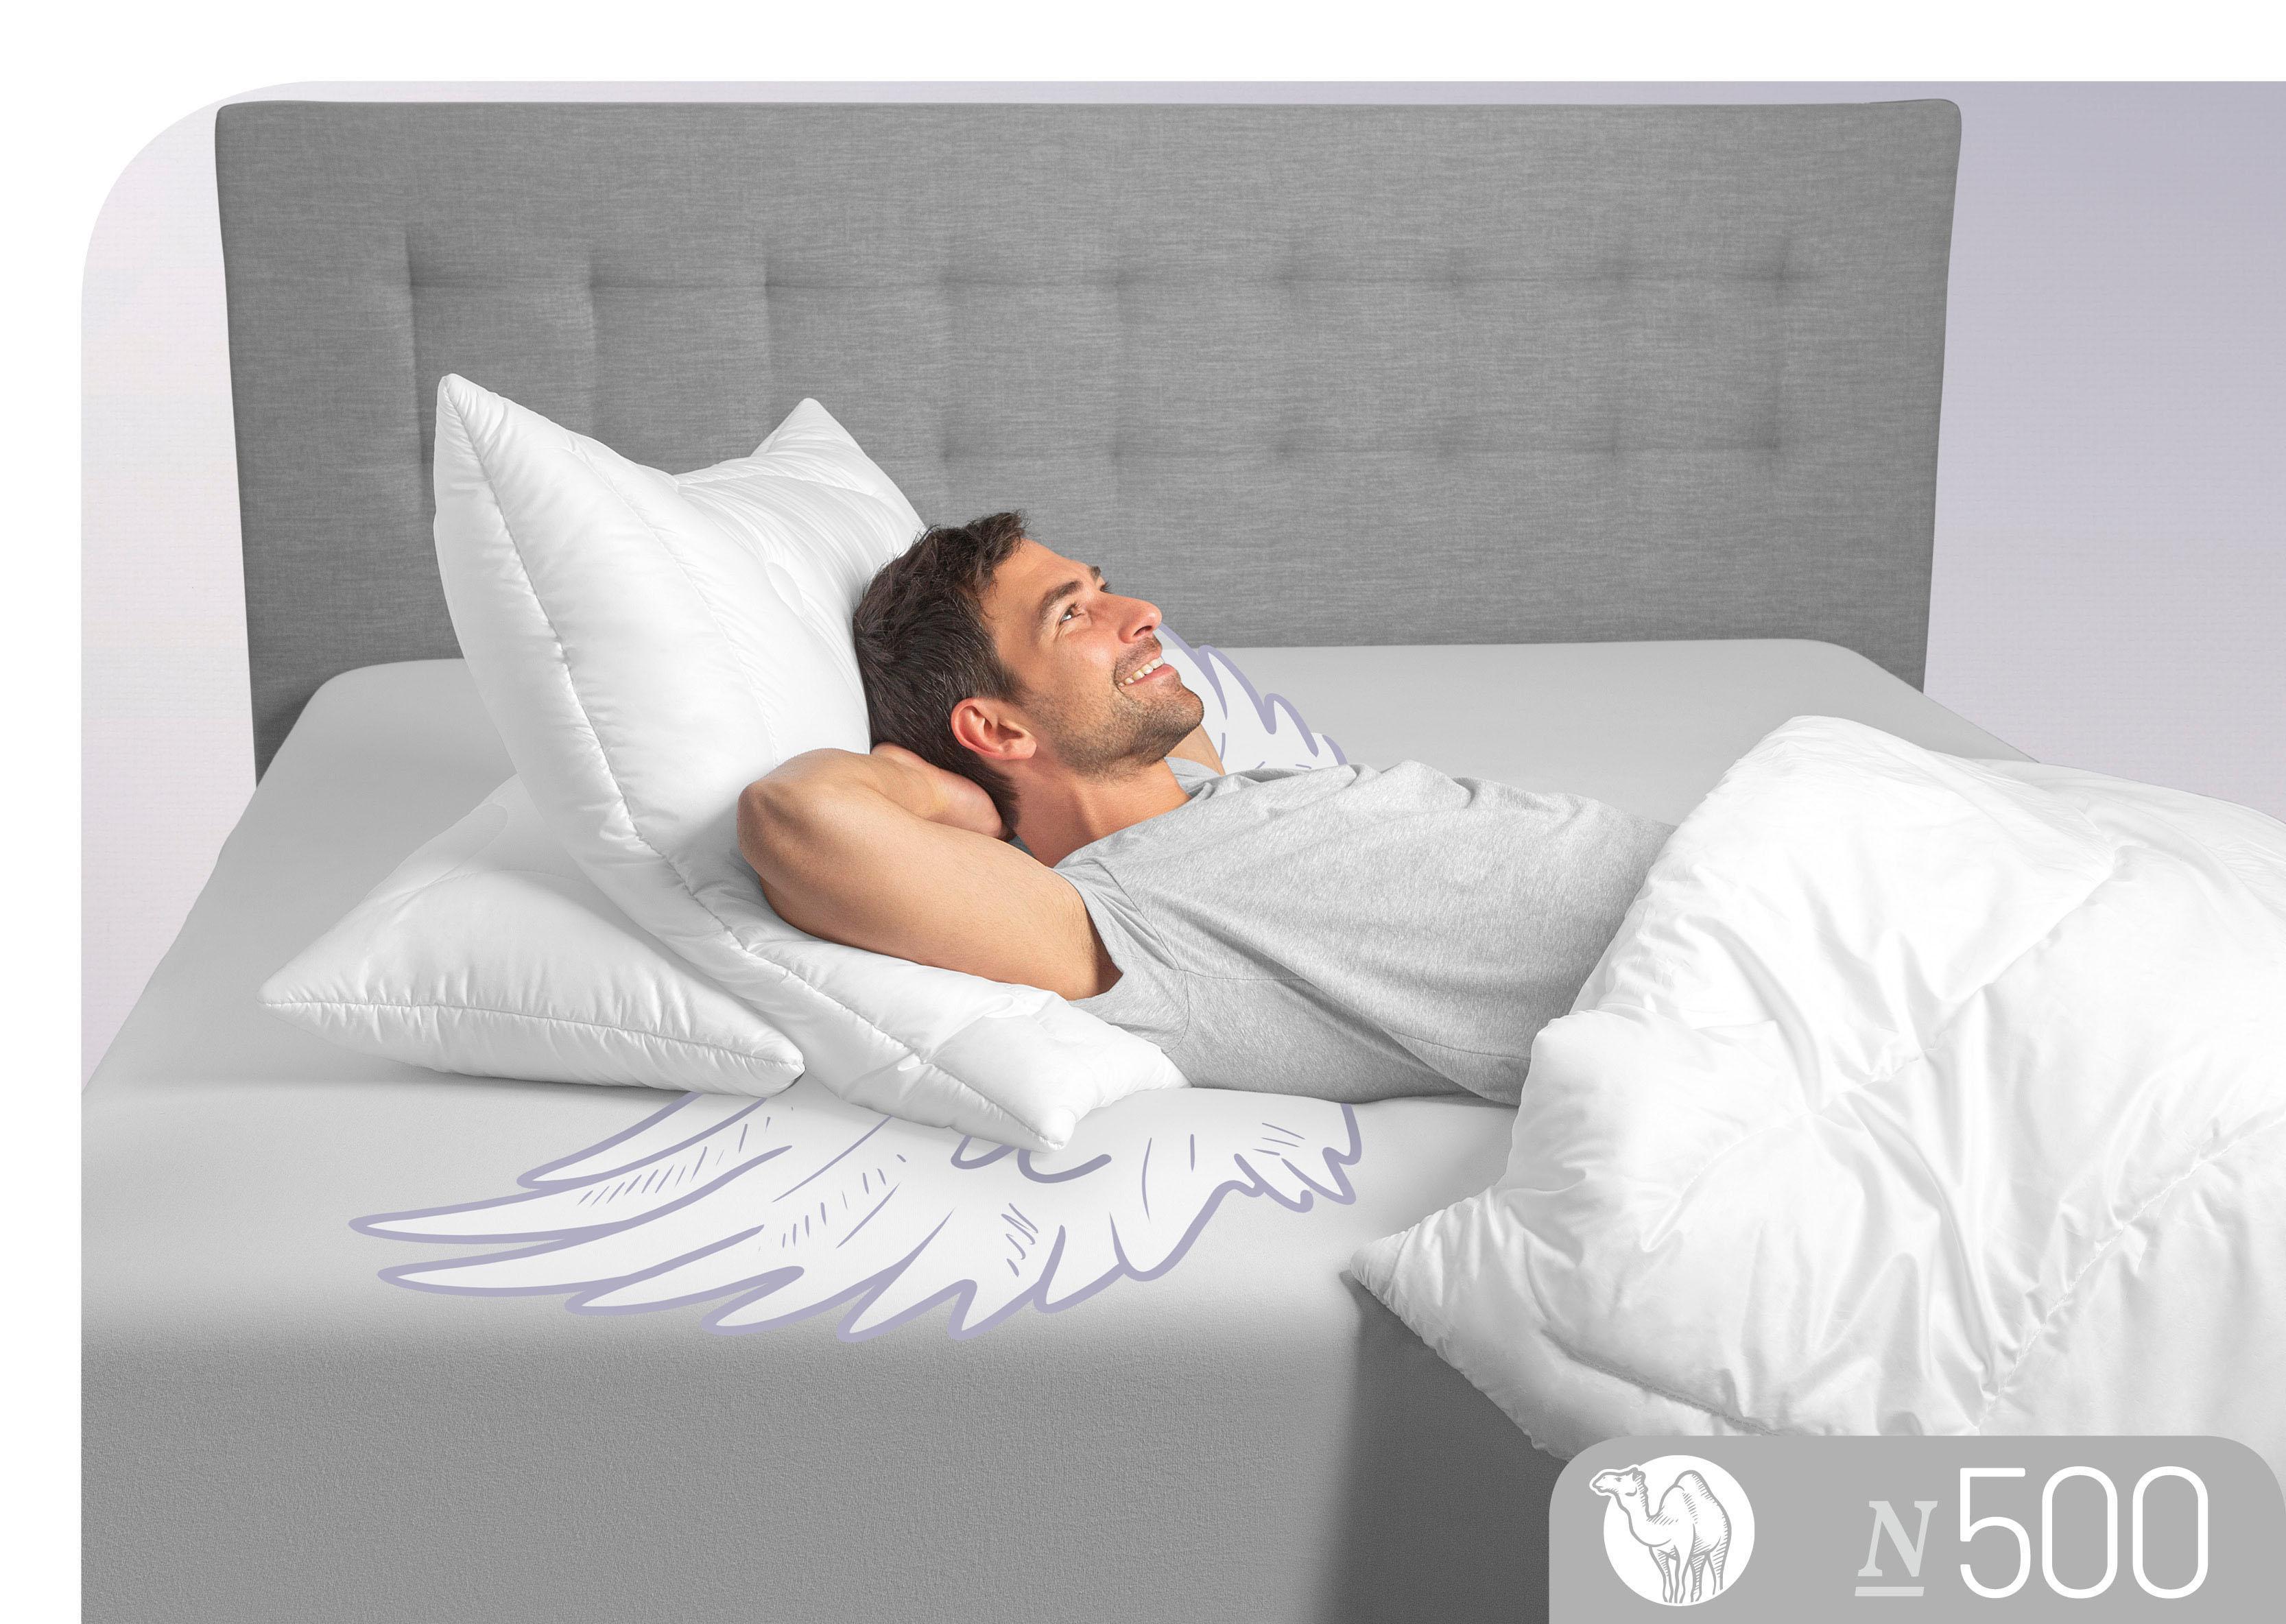 3-Kammer-Kopfkissen N500 Schlafstil